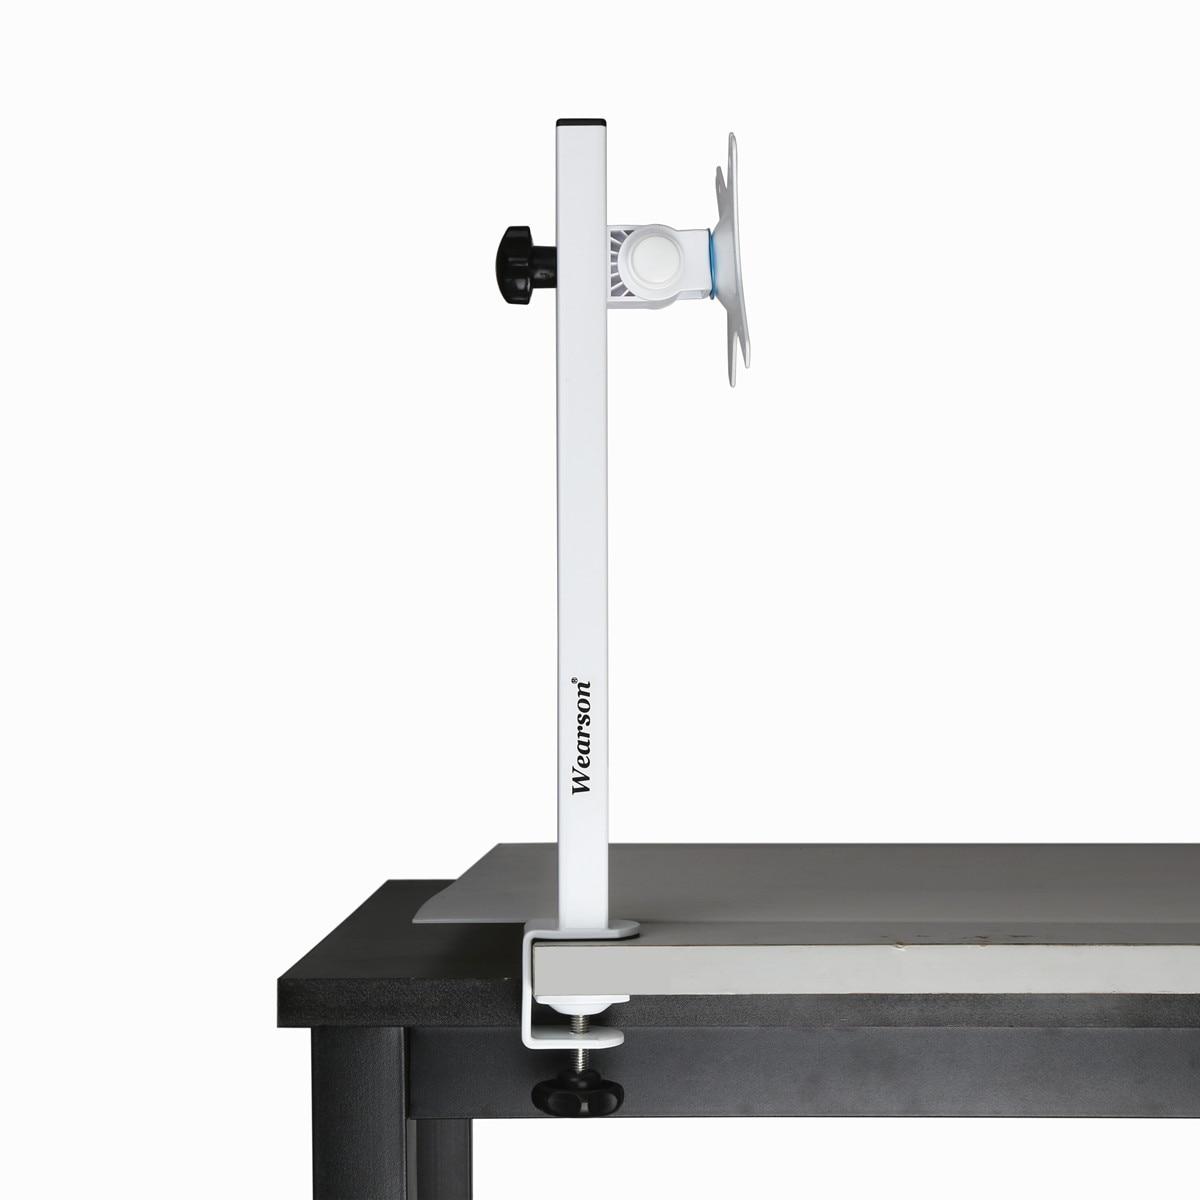 """Wearson soporte de escritorio de Monitor único c-clamp altura ajustable 205-344mm Liftable 100 ° inclinable y 360 ° giratorio para 17 """"-27 pulgadas"""